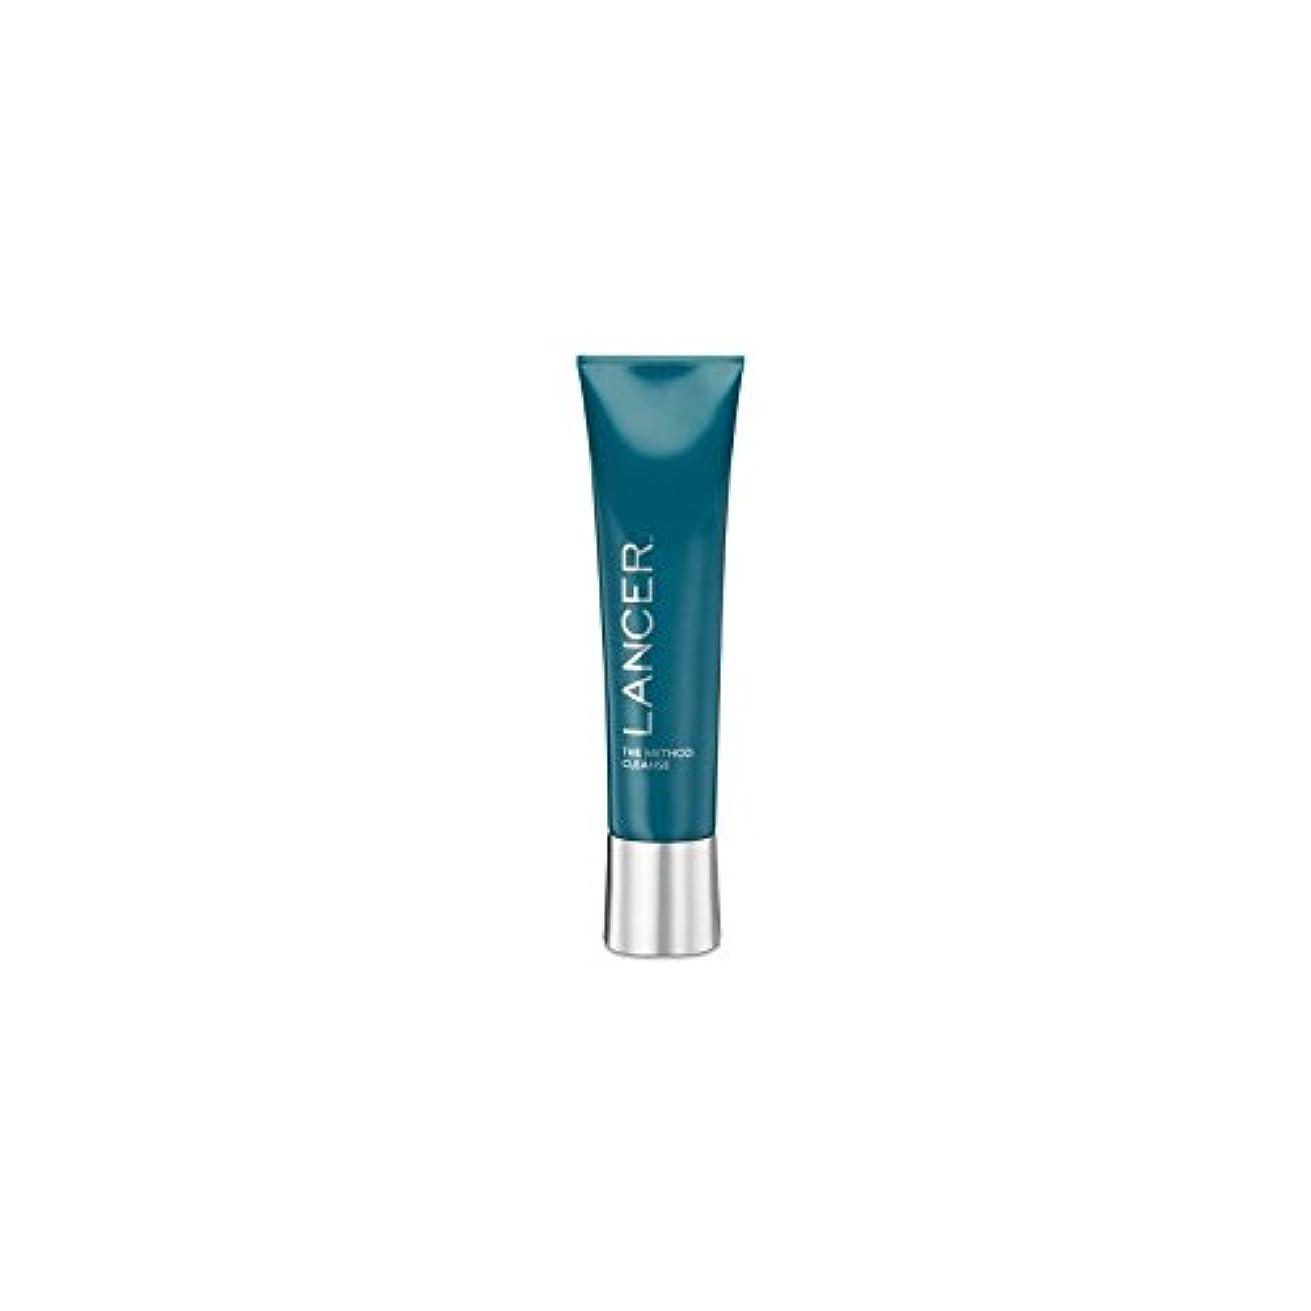 世界切る状態クレンザー(120ミリリットル):ランサーは、メソッドをスキンケア x4 - Lancer Skincare The Method: Cleanser (120ml) (Pack of 4) [並行輸入品]